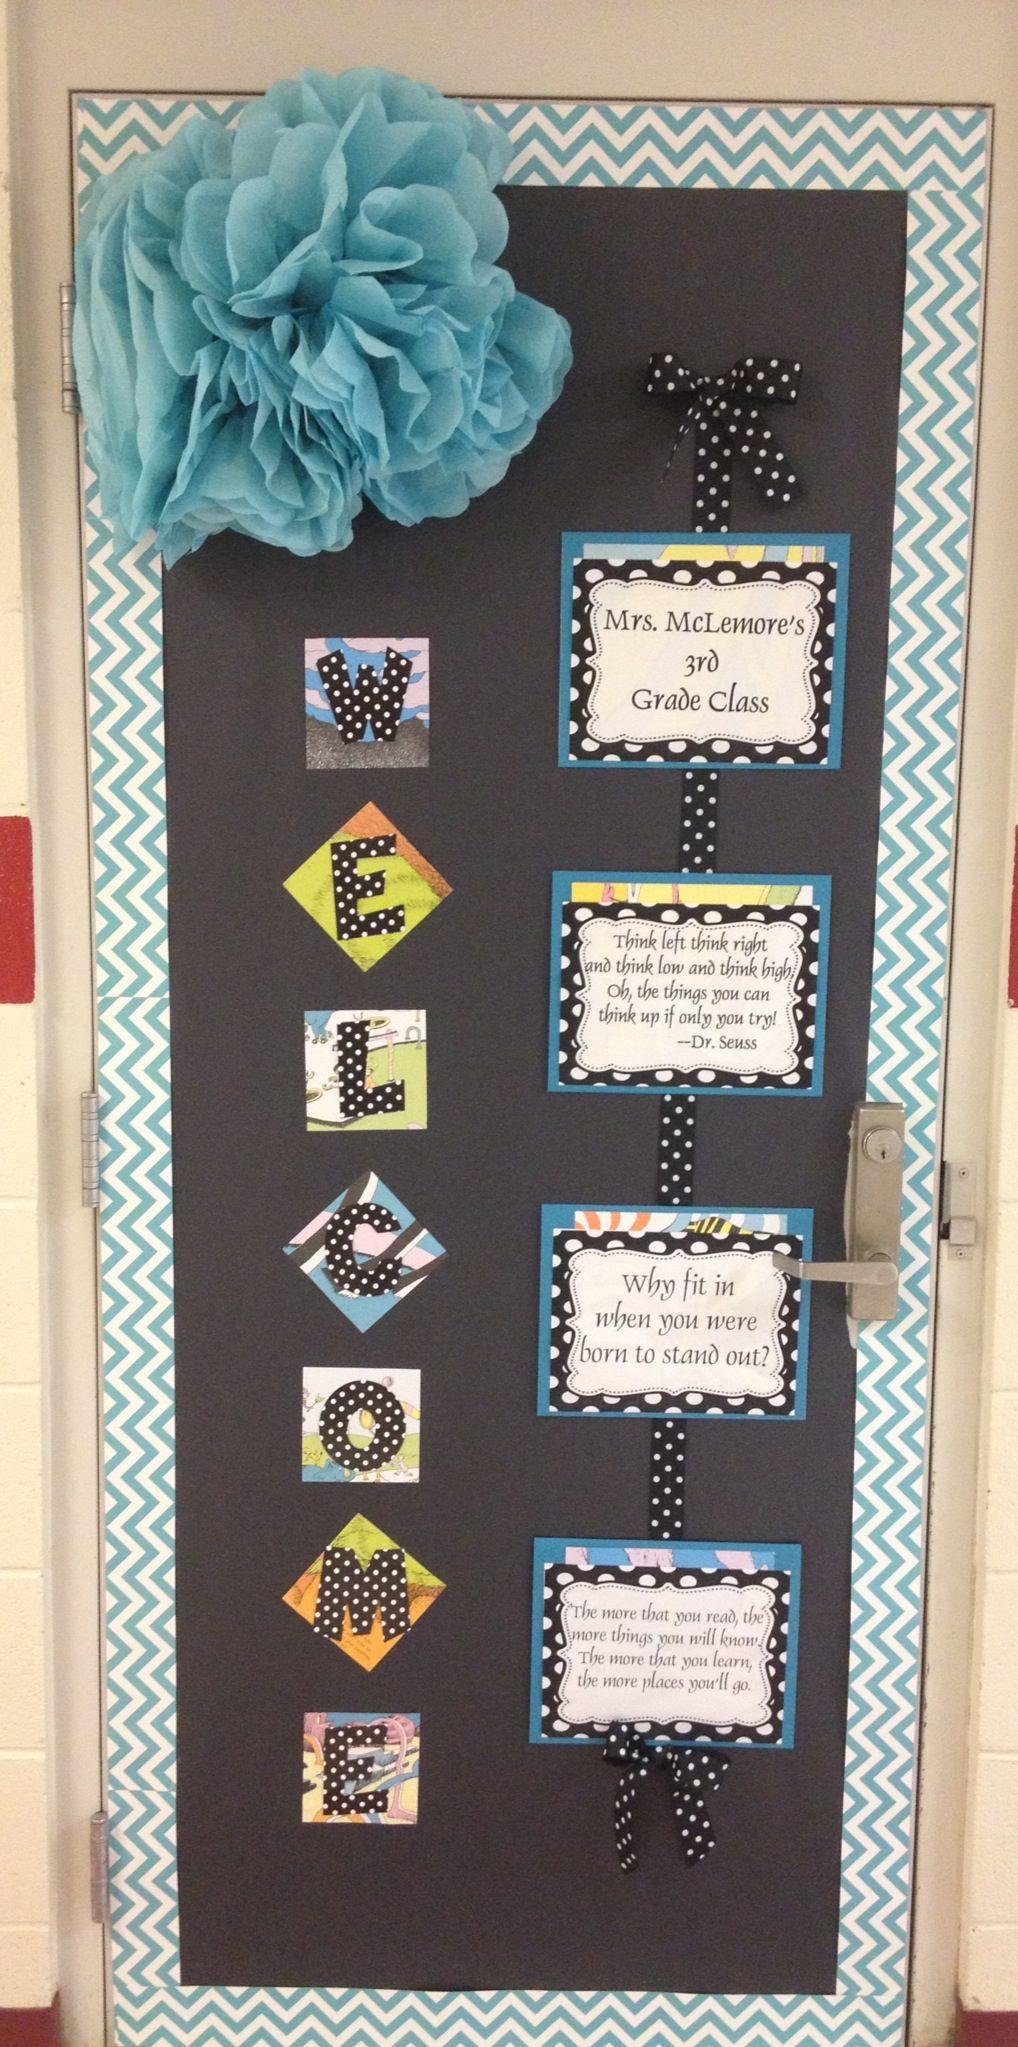 Chevron quotes classroom door such  cute idea teachersfollowteachers also rh pinterest